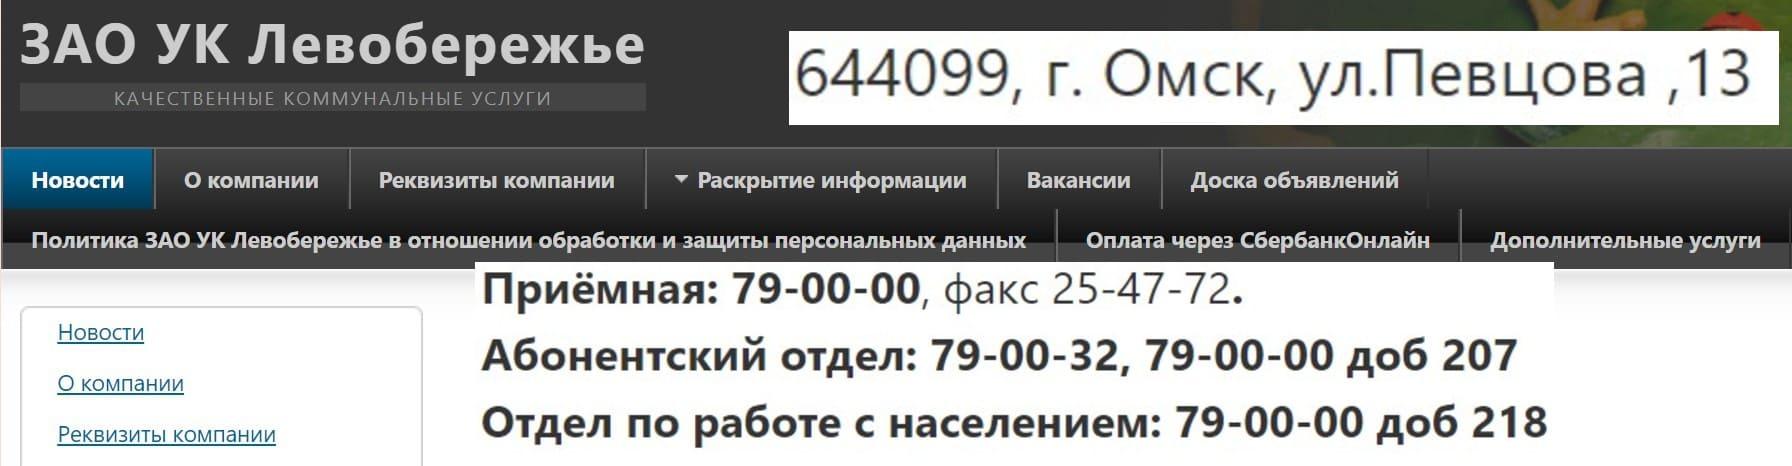 УК Левобережье Омск сайт